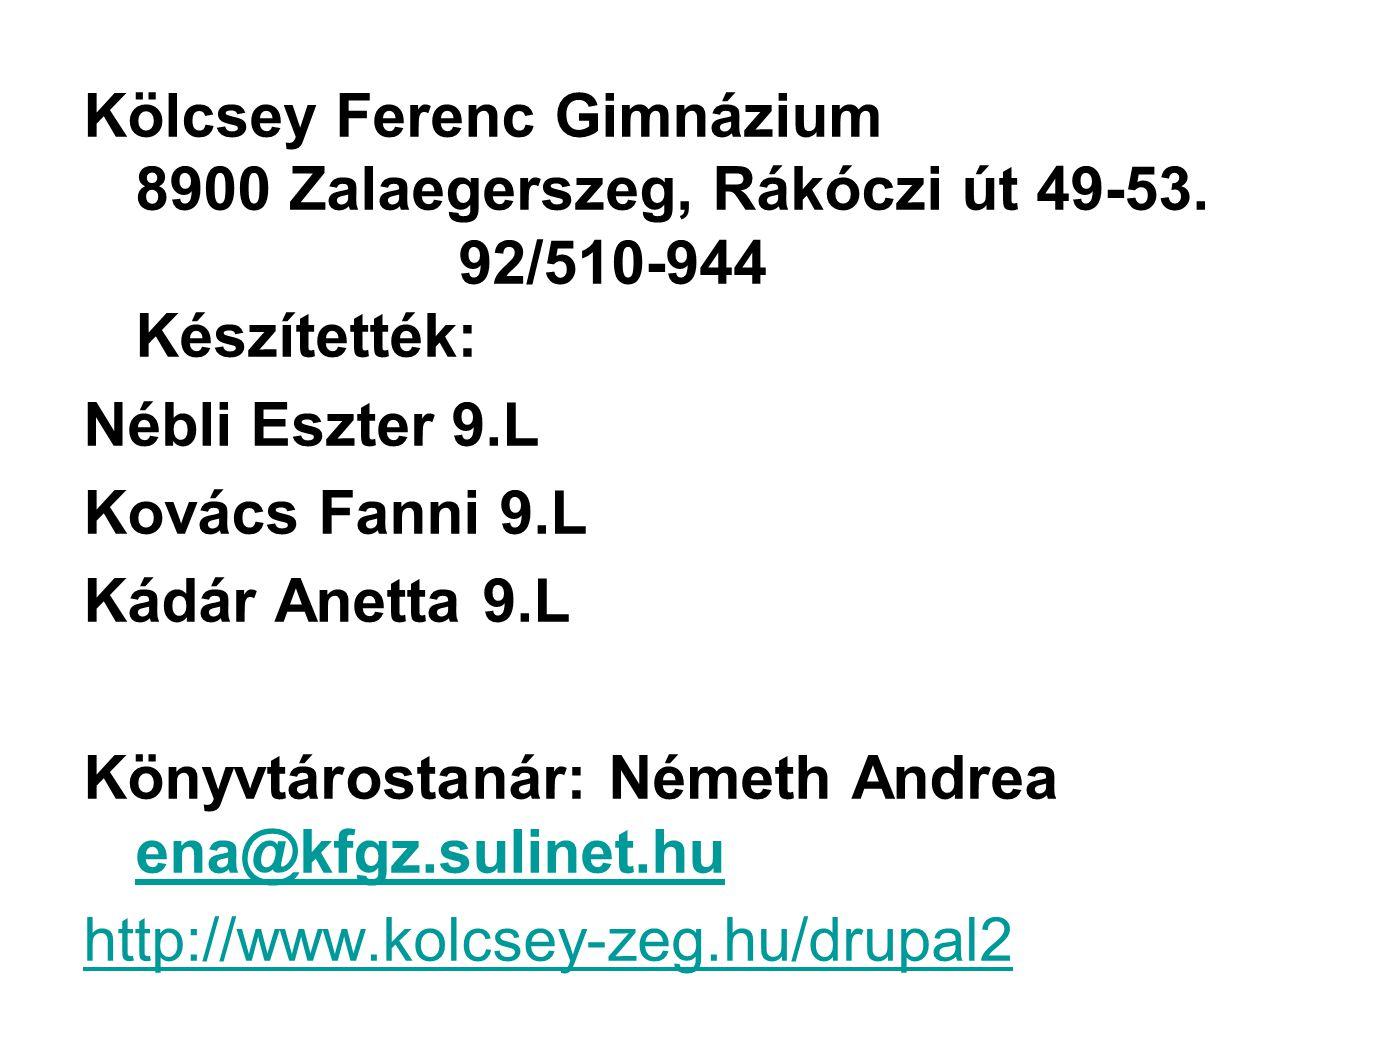 Kölcsey Ferenc Gimnázium 8900 Zalaegerszeg, Rákóczi út 49-53